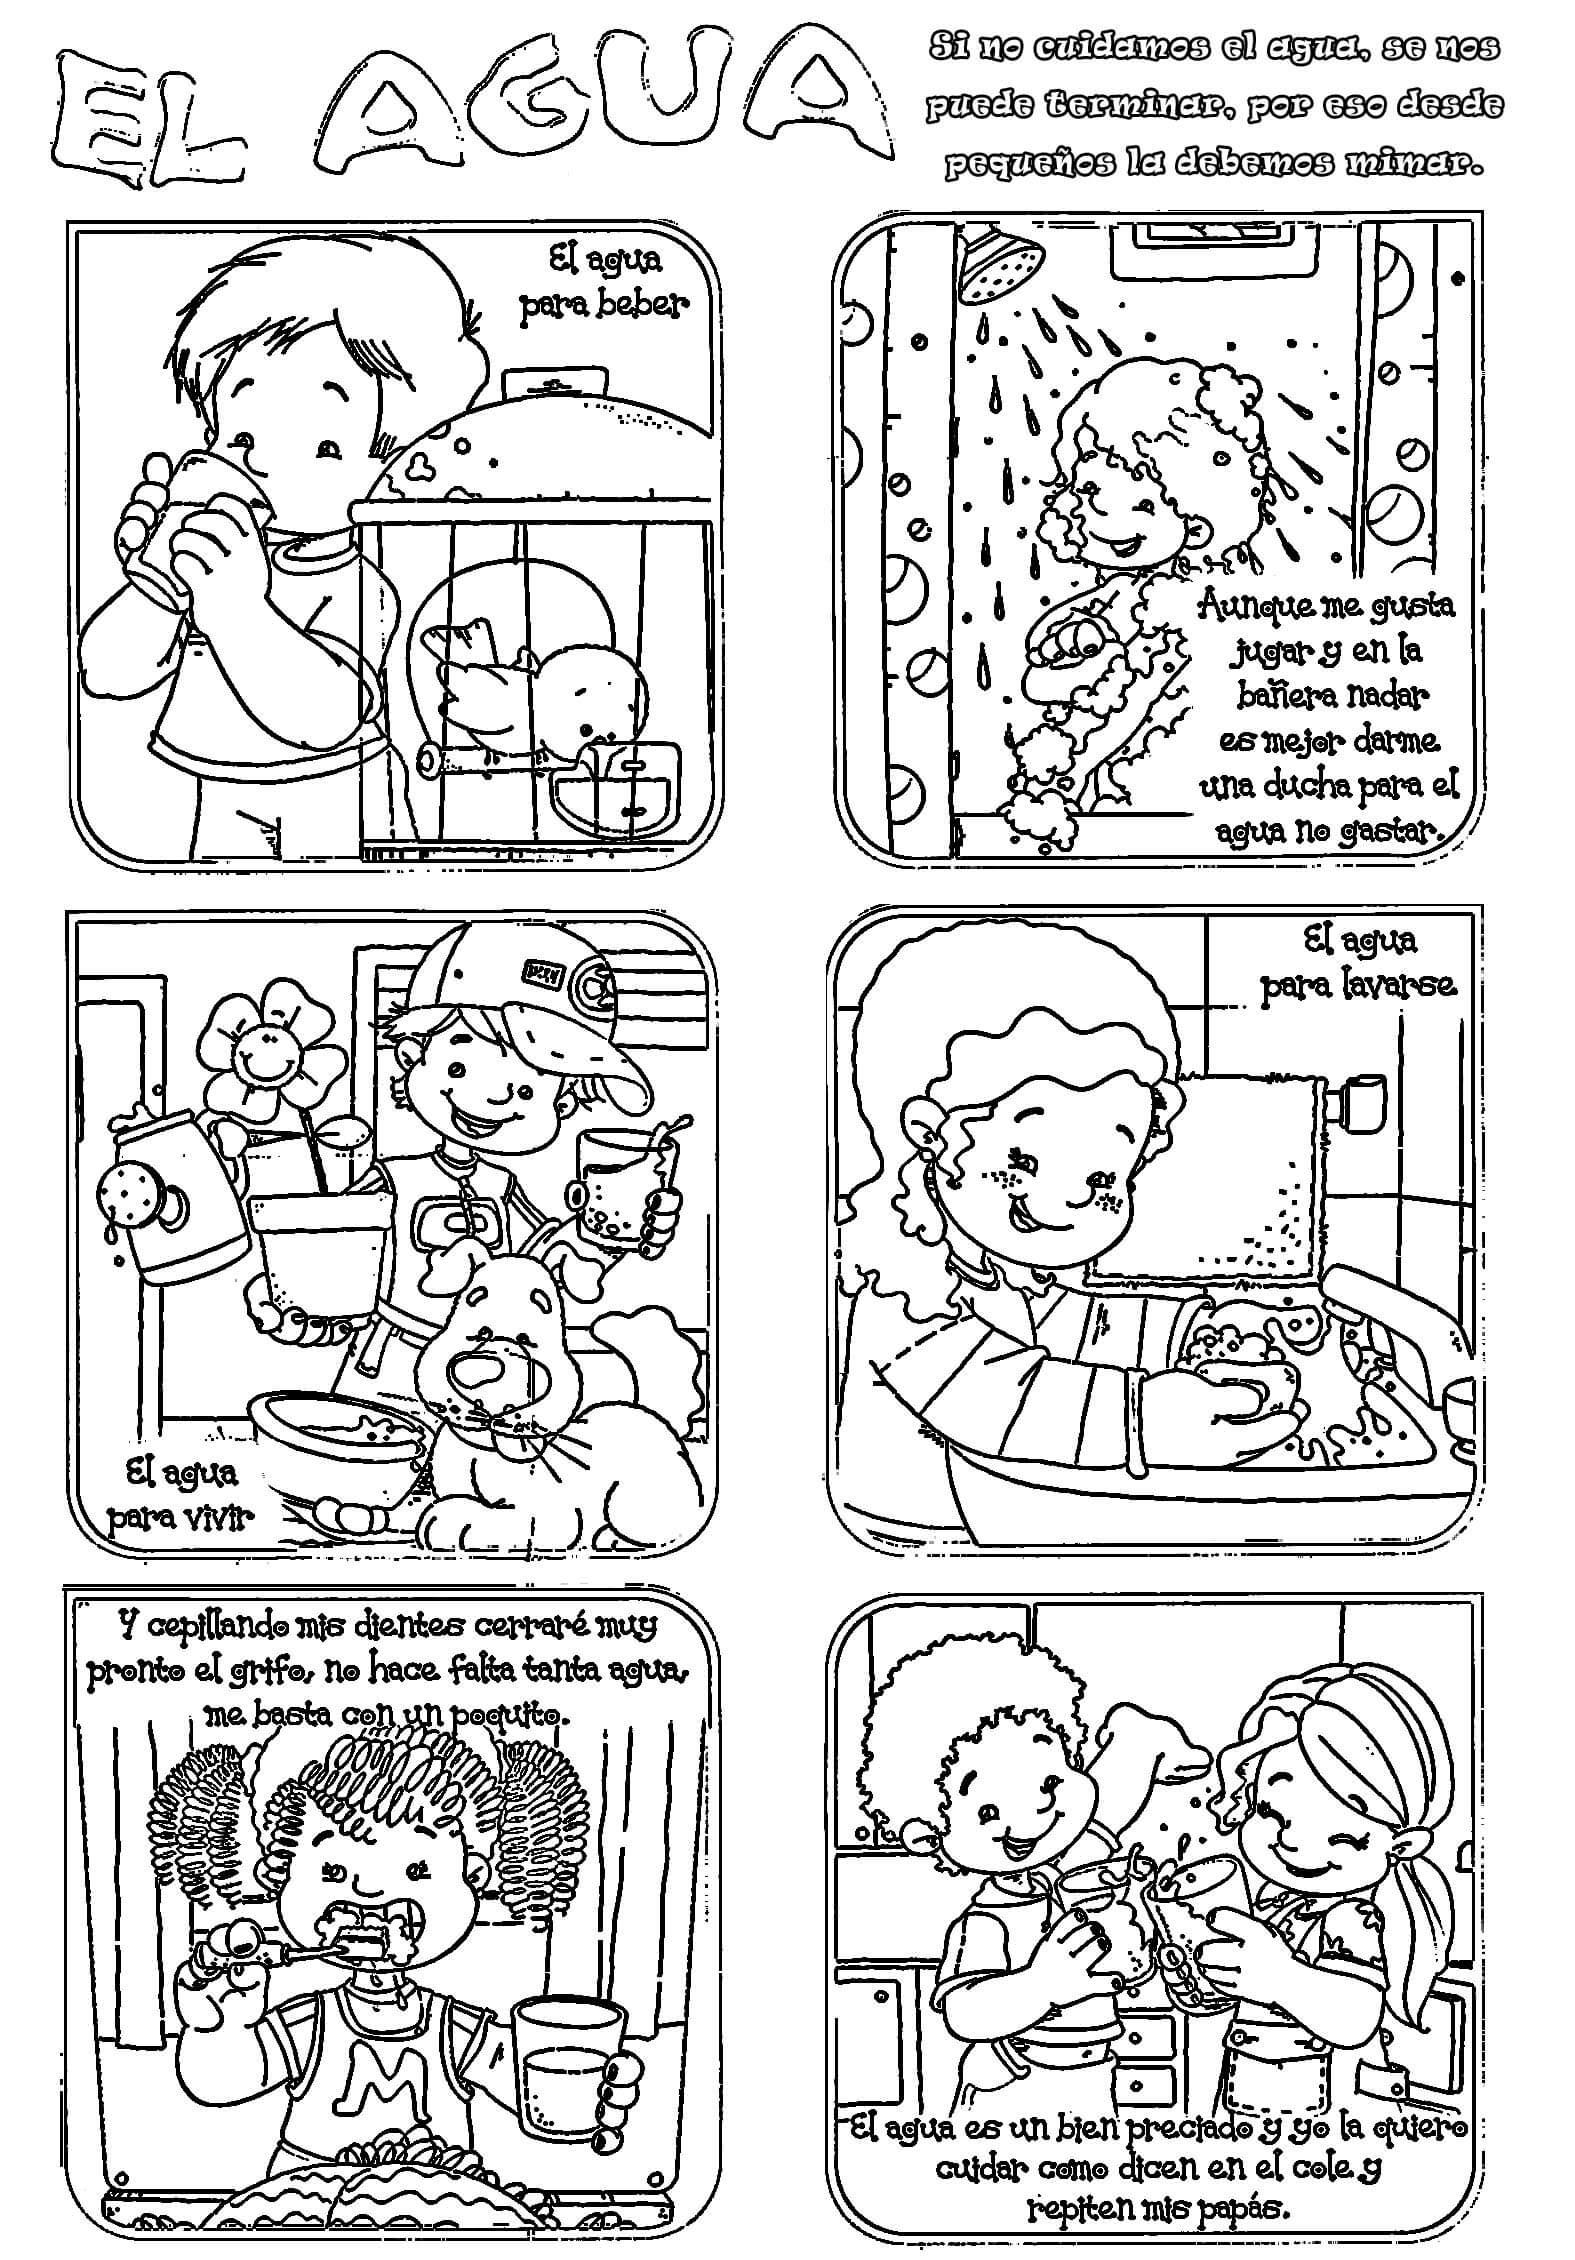 Ficha para colorear sobre el uso del agua